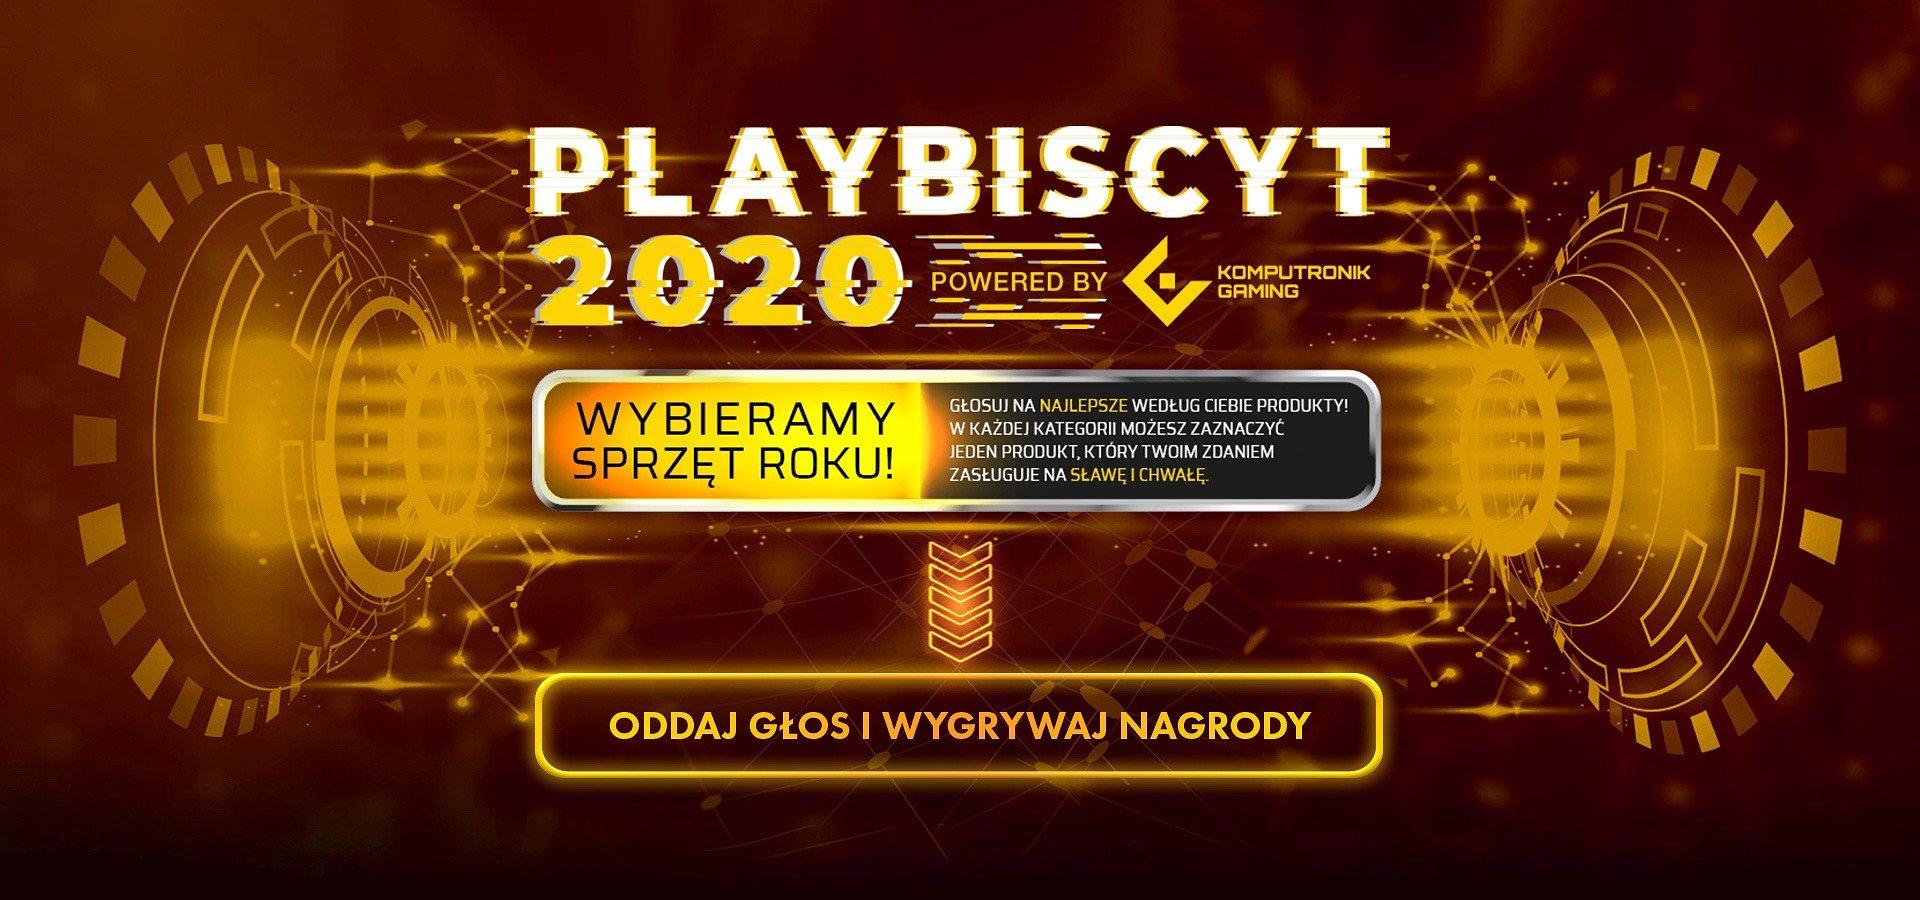 Startuje plebiscyt na najlepszy sprzęt dla gracza 2020 roku! Weź udział w głosowaniu i wygraj nagrody